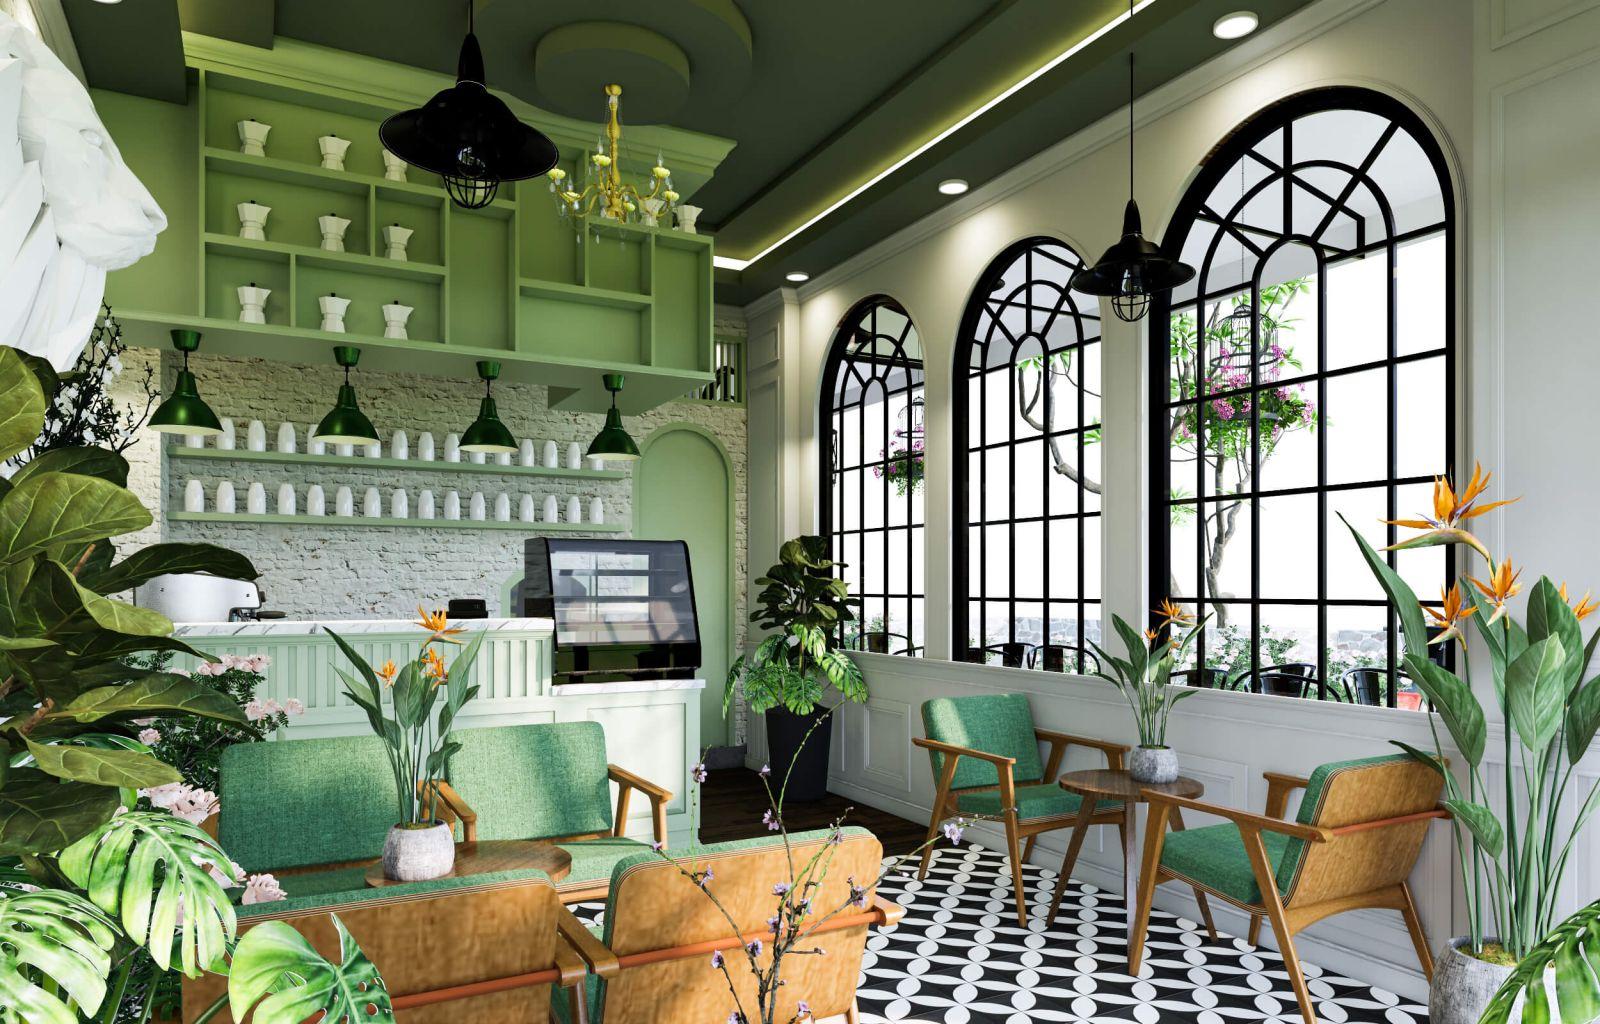 không gian nội thất quán cafe 5717 thiết kế phong cách nhiệt đới